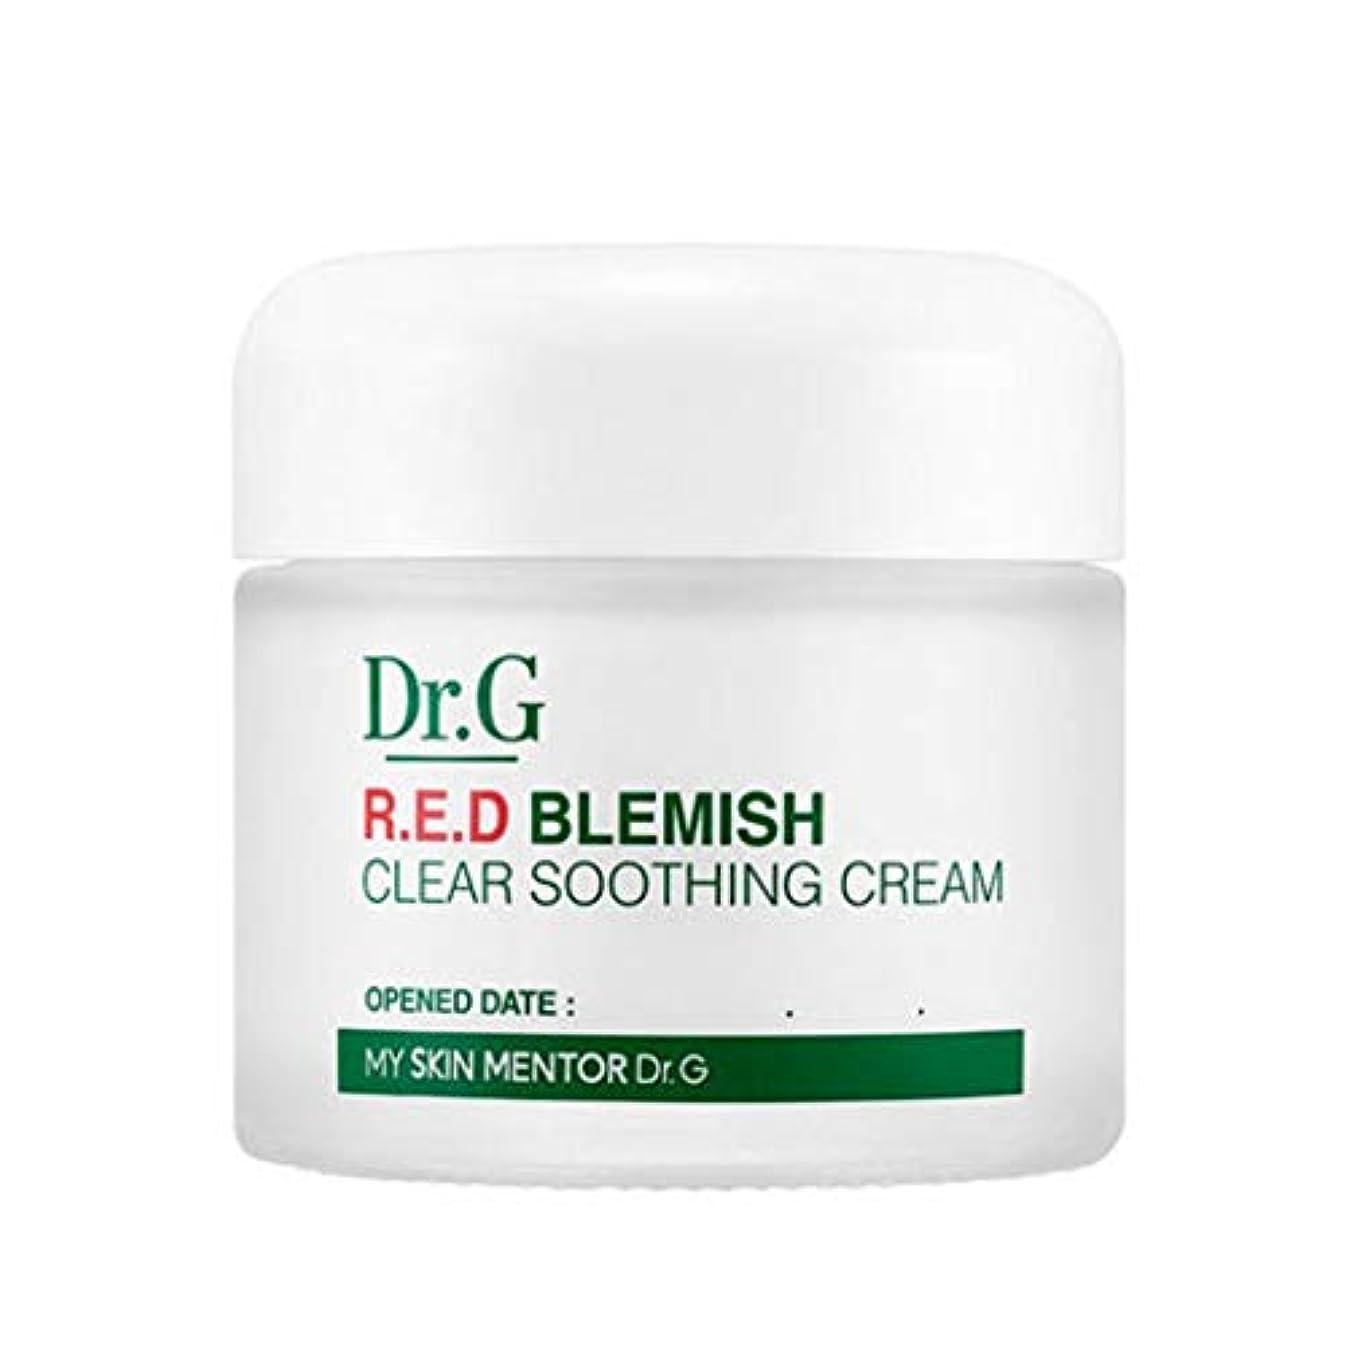 短くするディレクトリ聡明ドクターGレッドブレミッシュクリアスージングクリーム70ml水分クリーム、Dr.G Red Blemish Clear Soothing Cream 70ml Moisturizing Cream [並行輸入品]